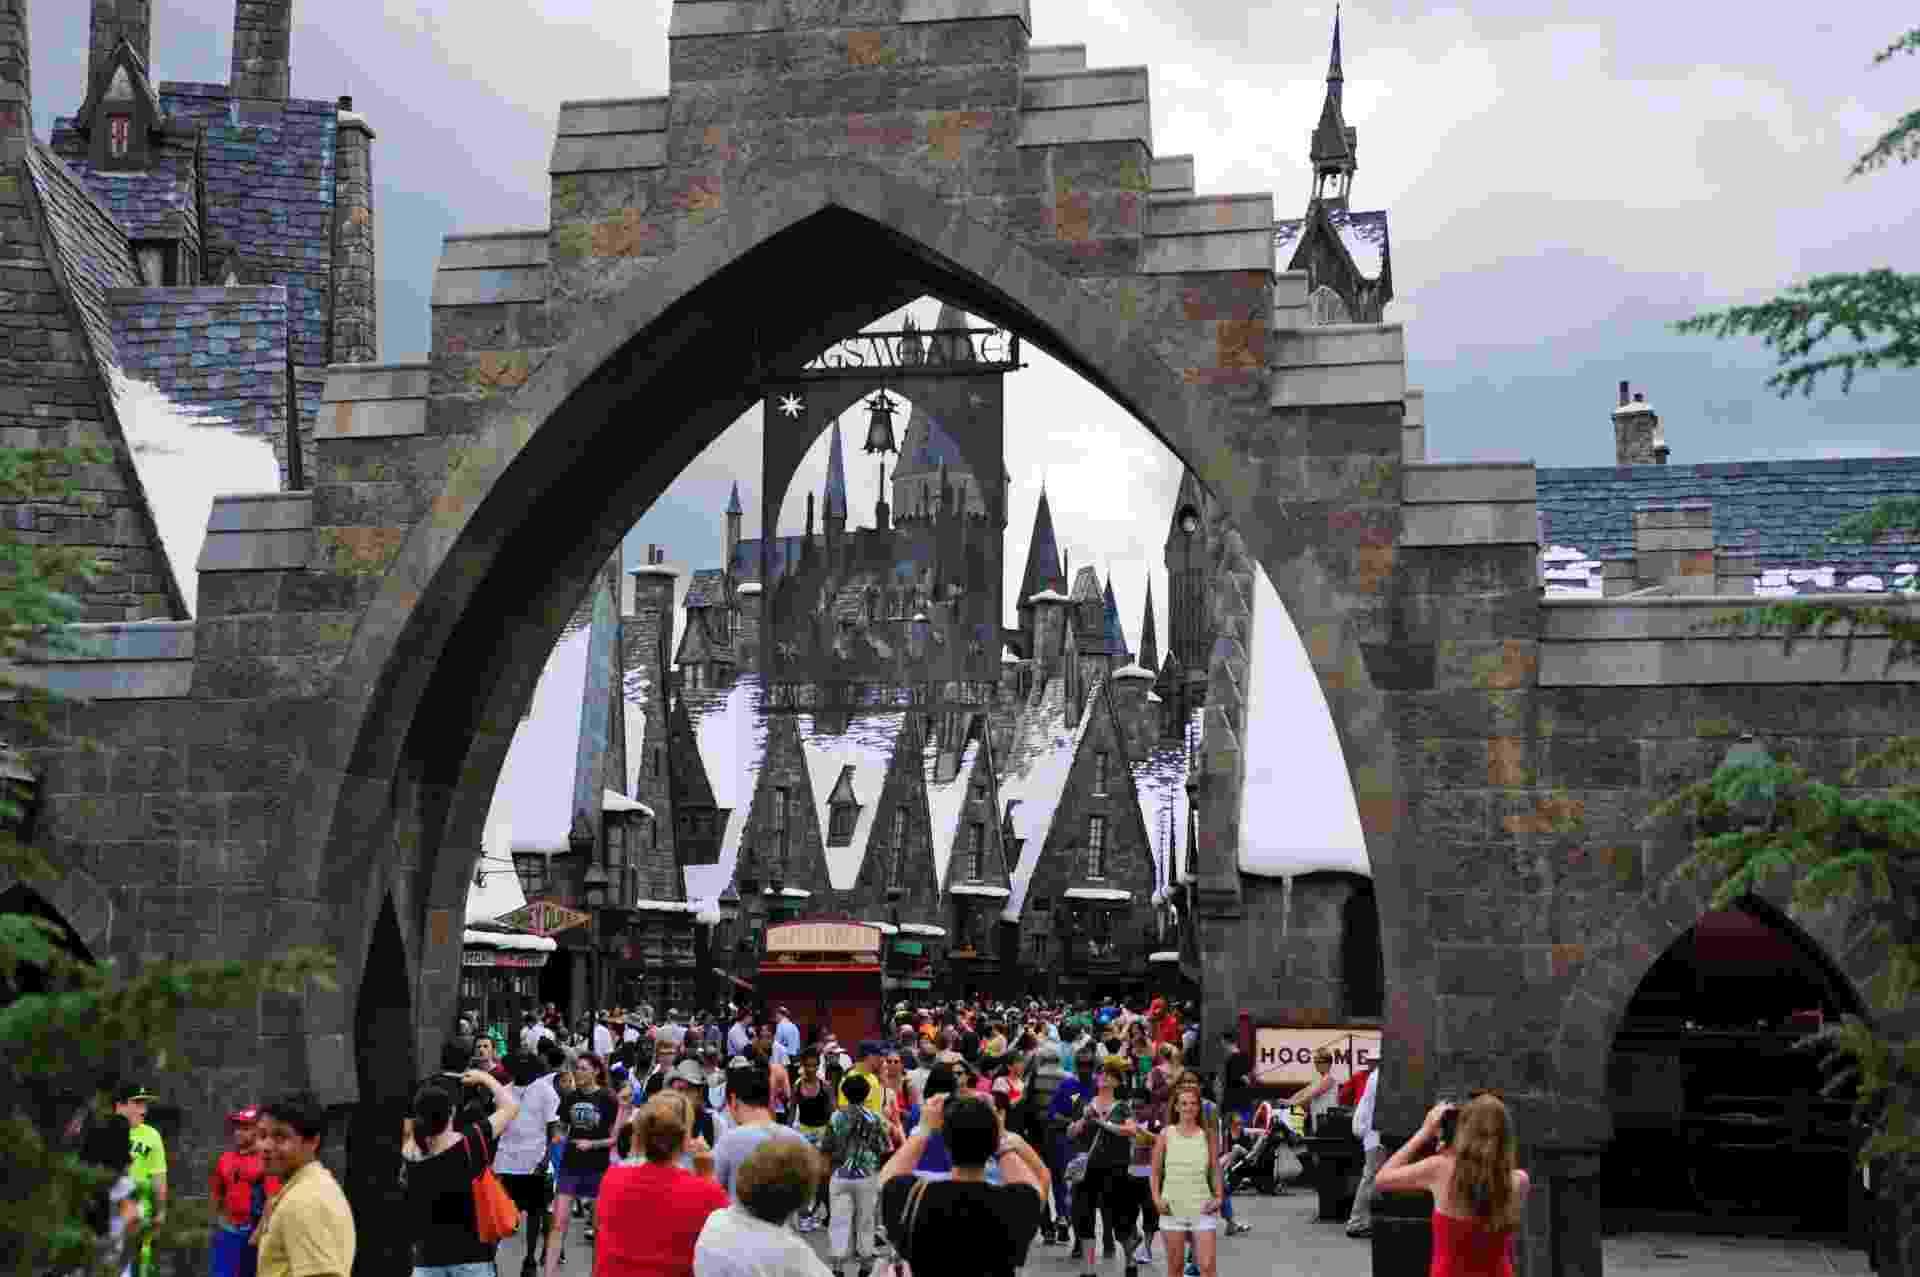 """20.jun.2014 - Pré-inauguração para imprensa do """"O Mundo Mágico de Harry Potter - o Beco Diagonal"""", no Universal Orlando Resort, em Orlando, Florida. A nova atração, que abre ao público em 8 de julho, é a expansão do mundo original de Harry Potter, que foi inaugurado em 2010 - REUTERS/David Manning"""